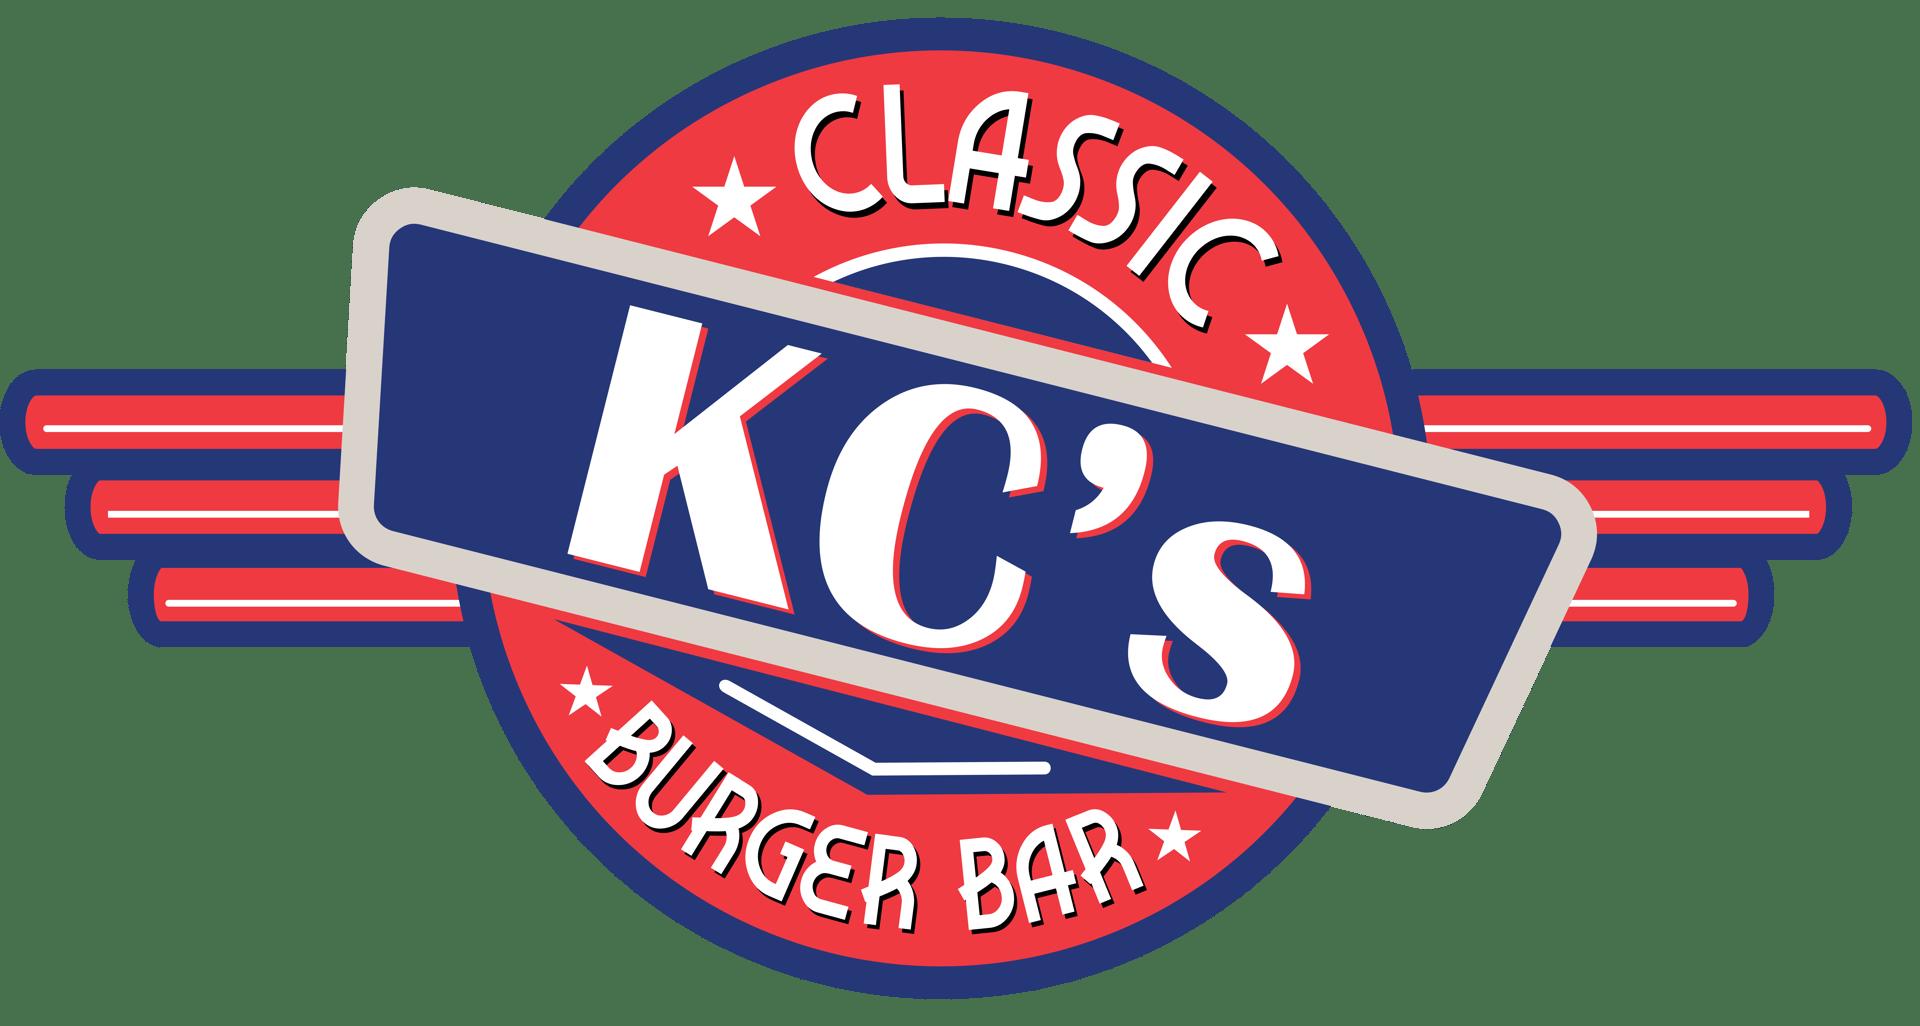 KC's classic burger bar logo